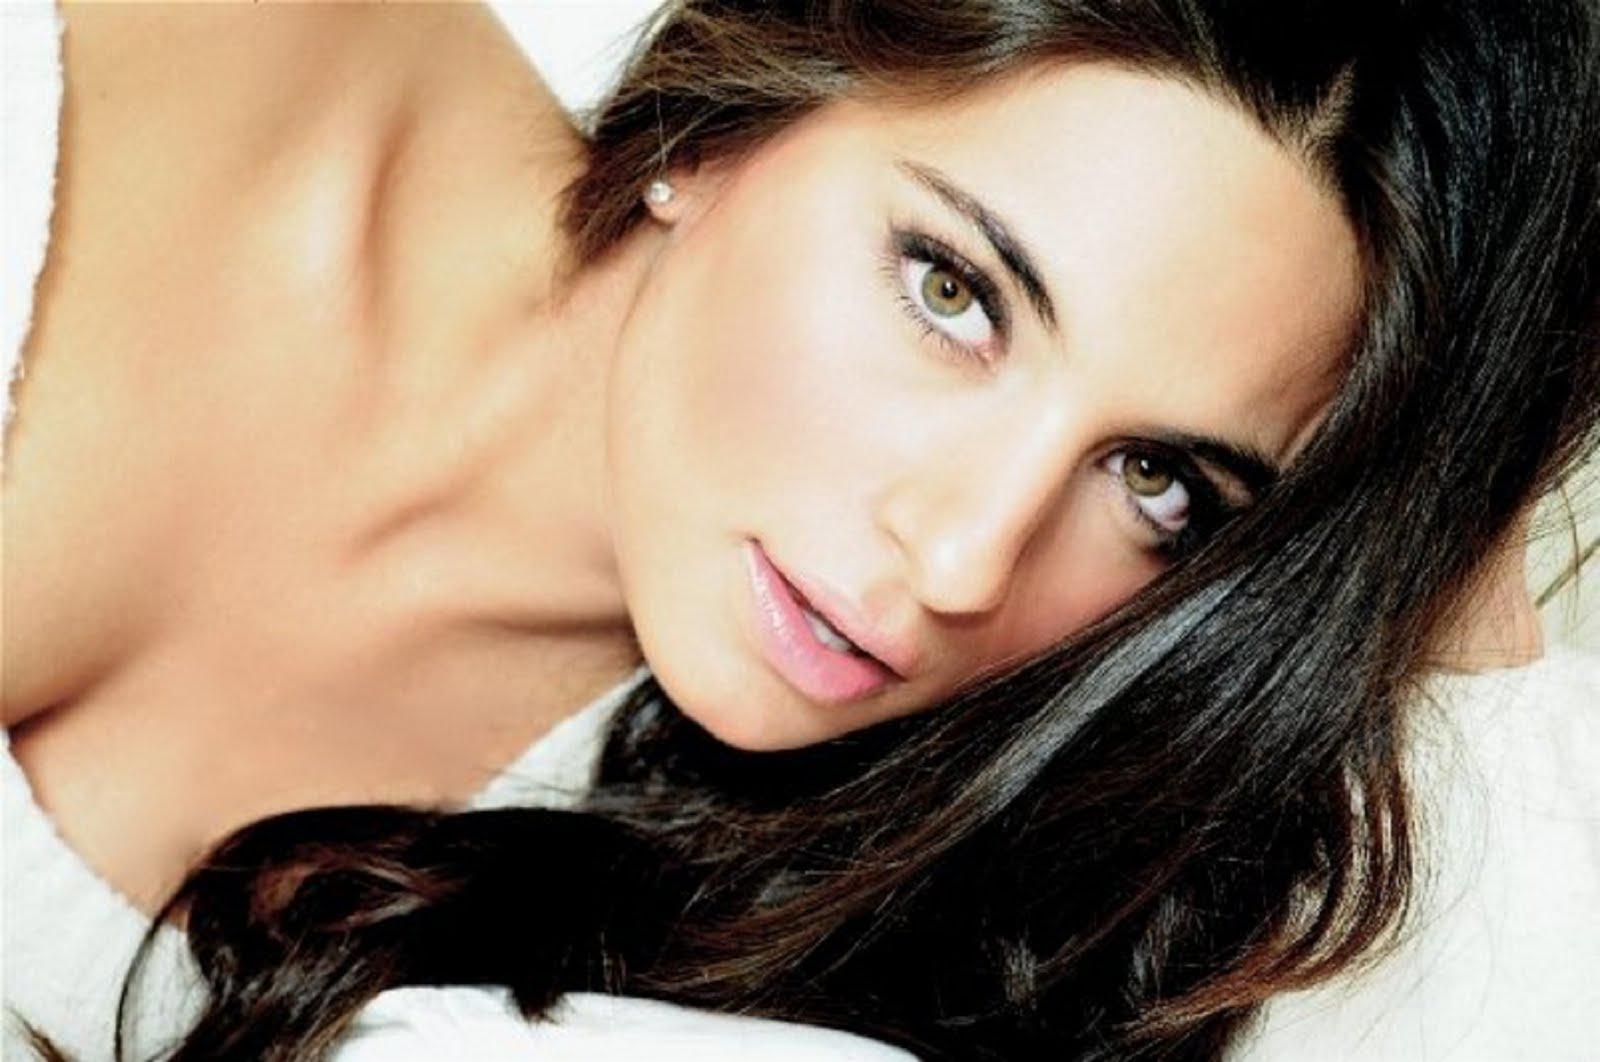 Ana Brenda Des Nuda ana brenda contreras desnuda - fotos y vídeos - imperiodefamosas